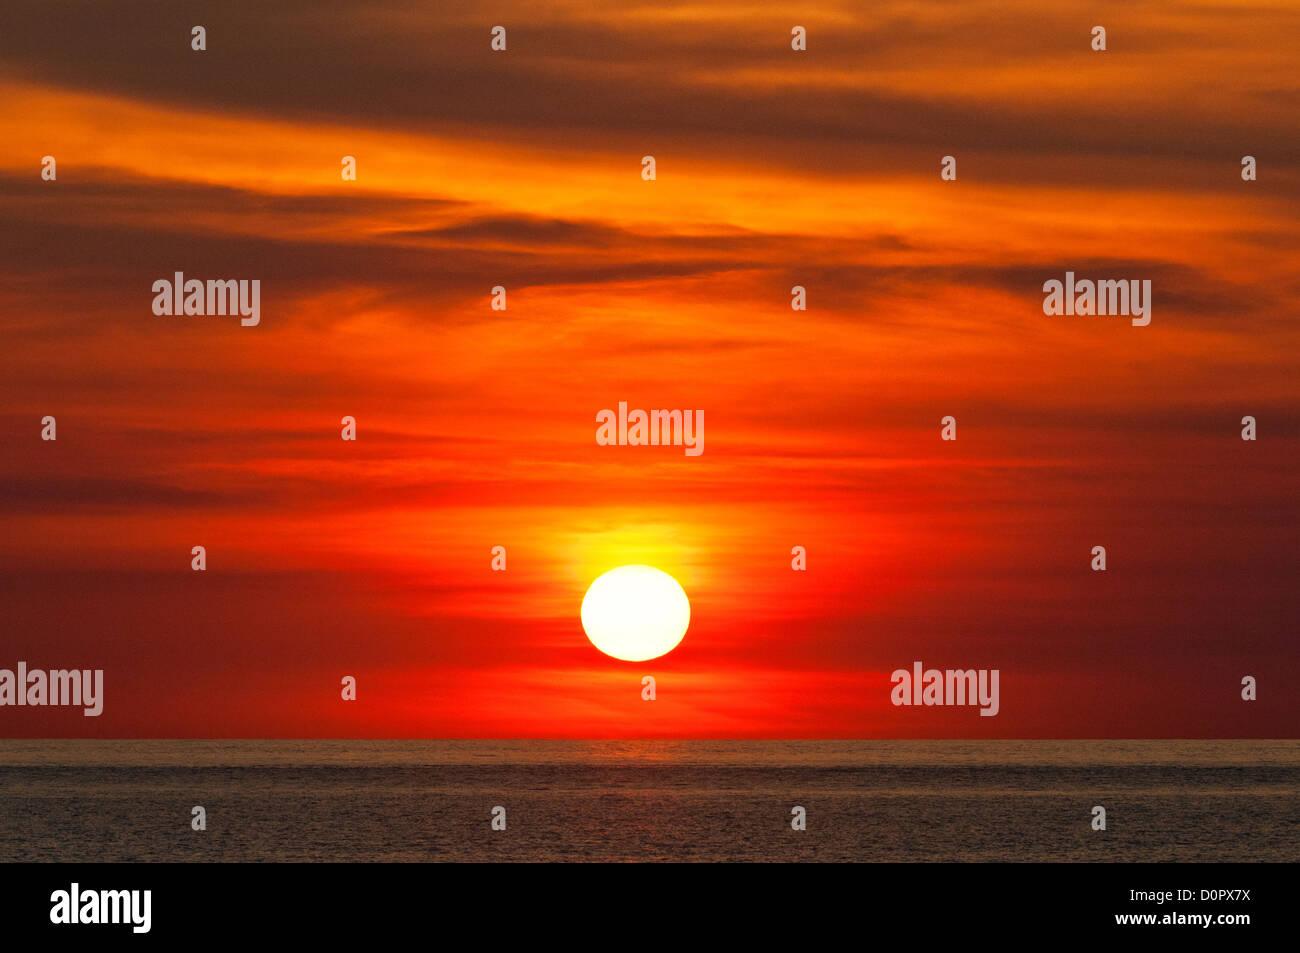 Fiery coucher de soleil sur l'Océan Indien. Photo Stock